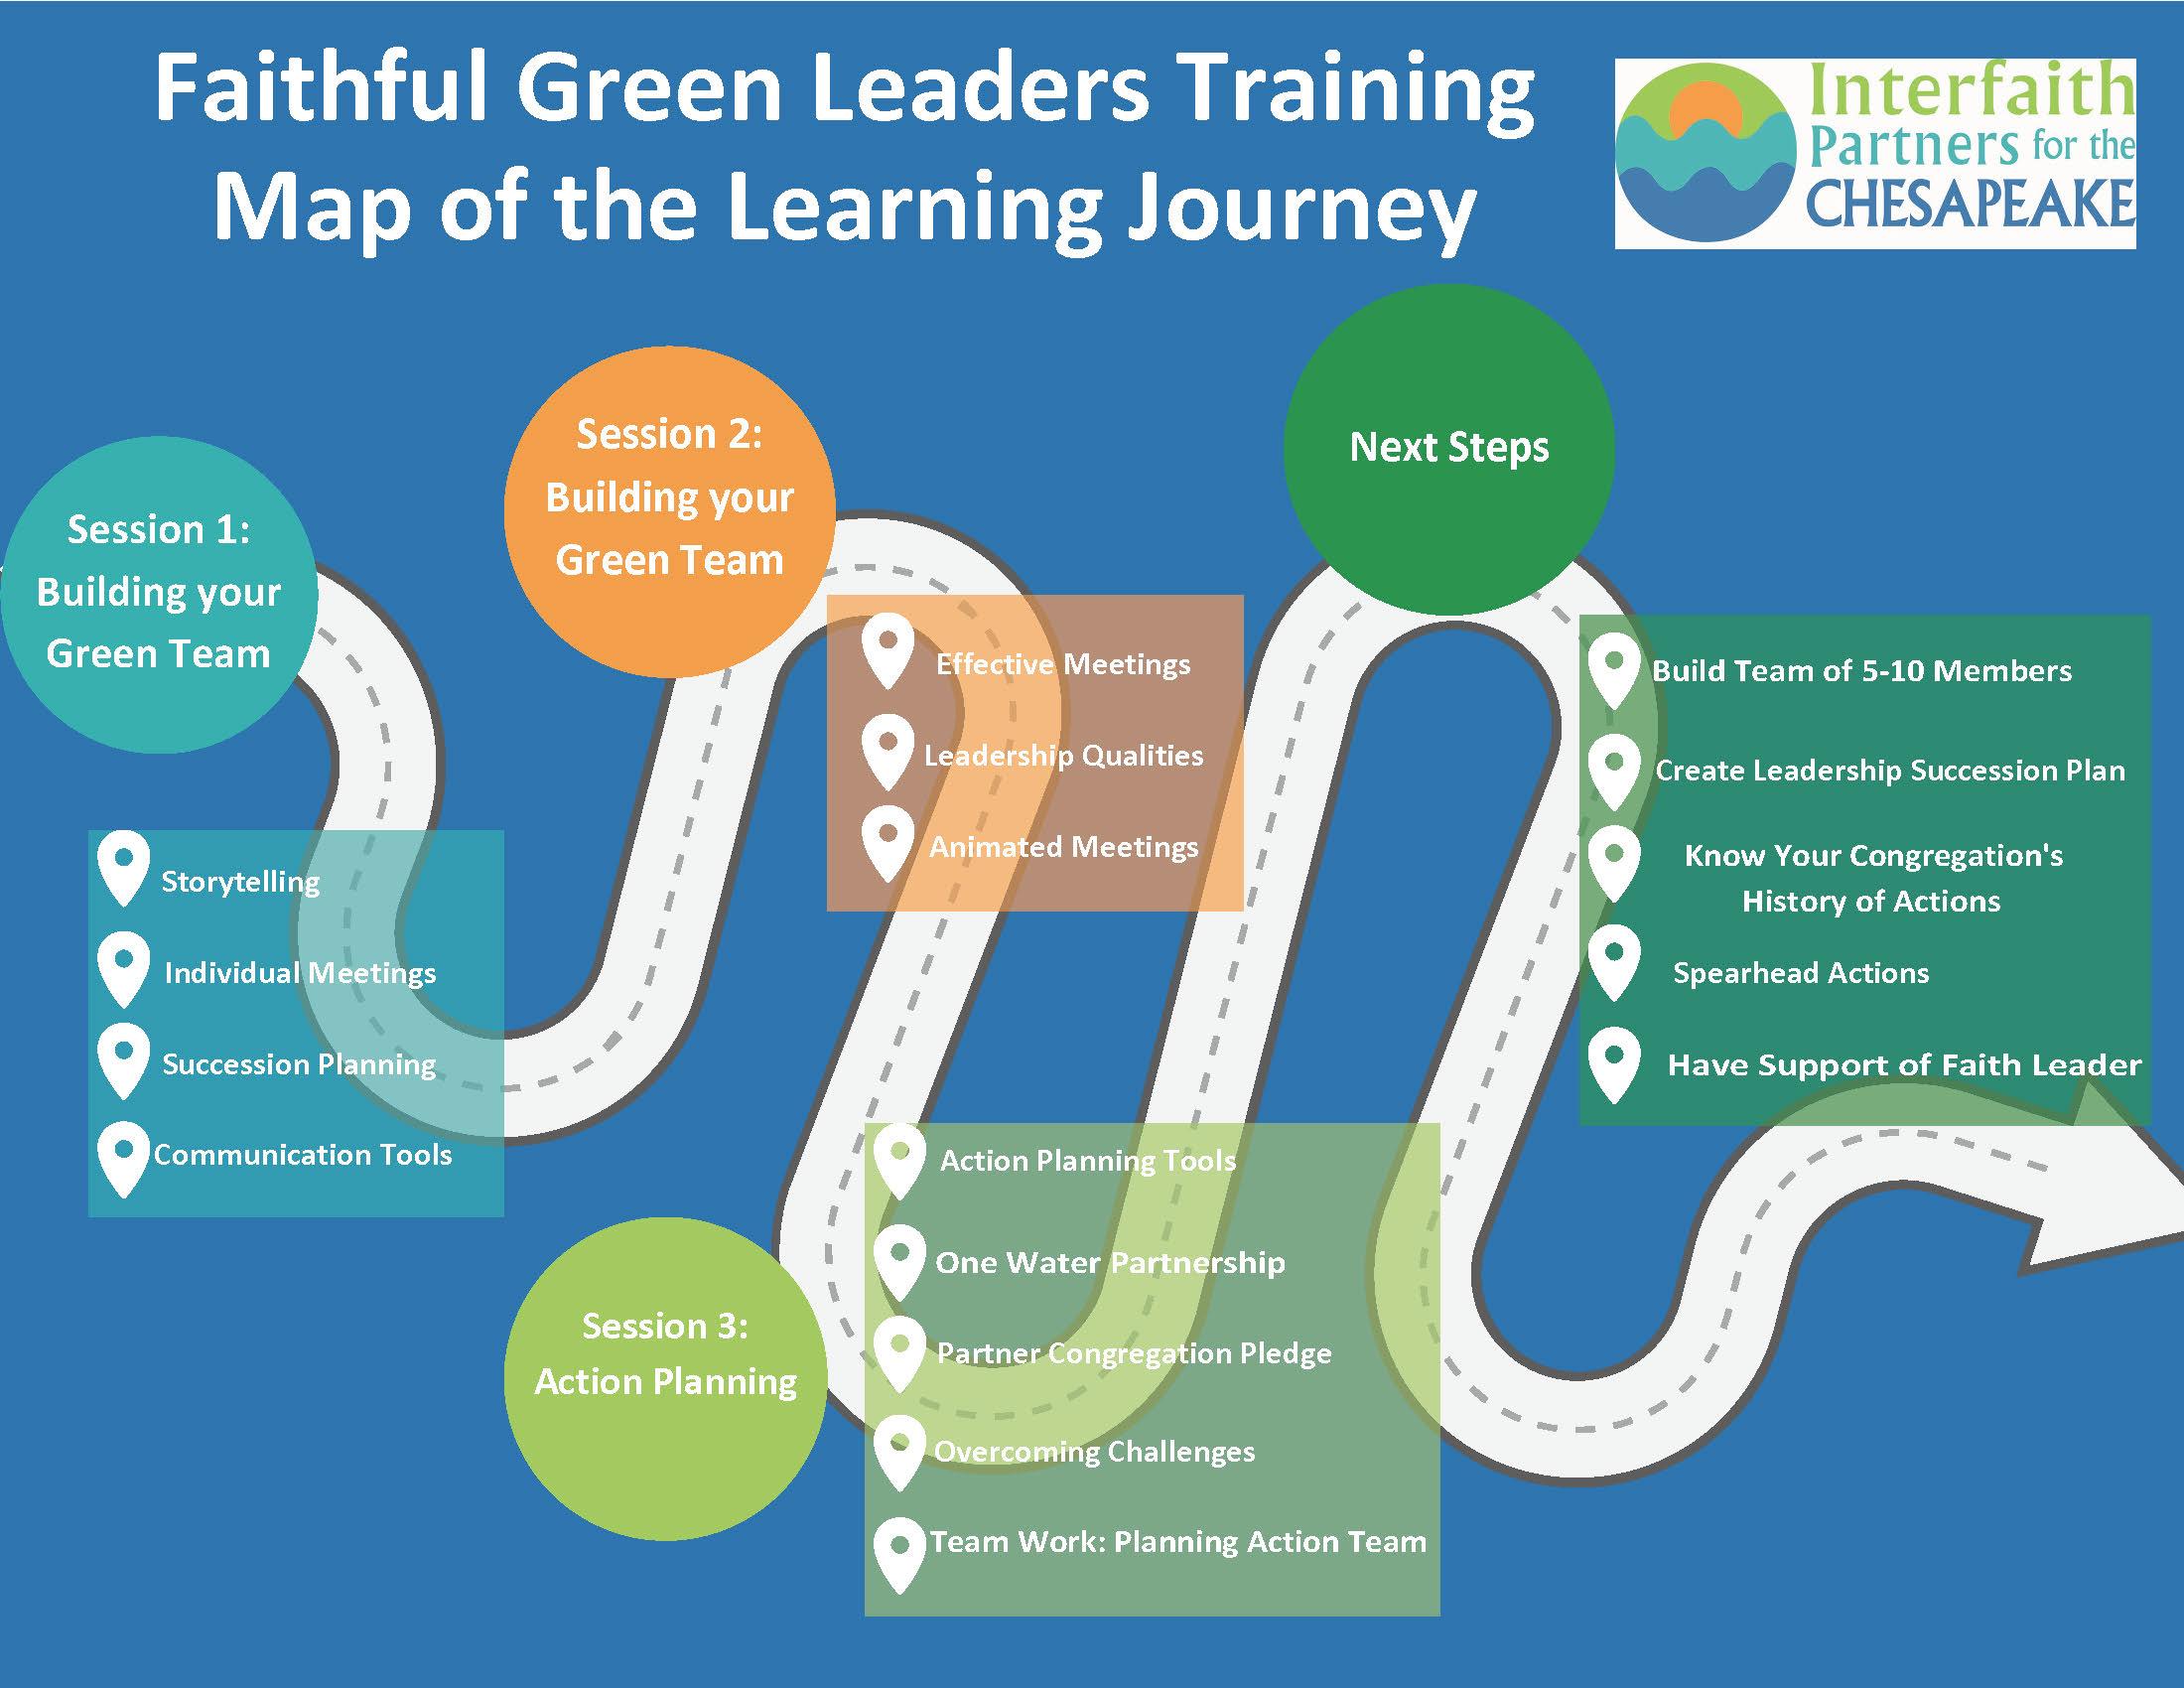 FGLT_Learning_Journey_Map_FINAL.jpg